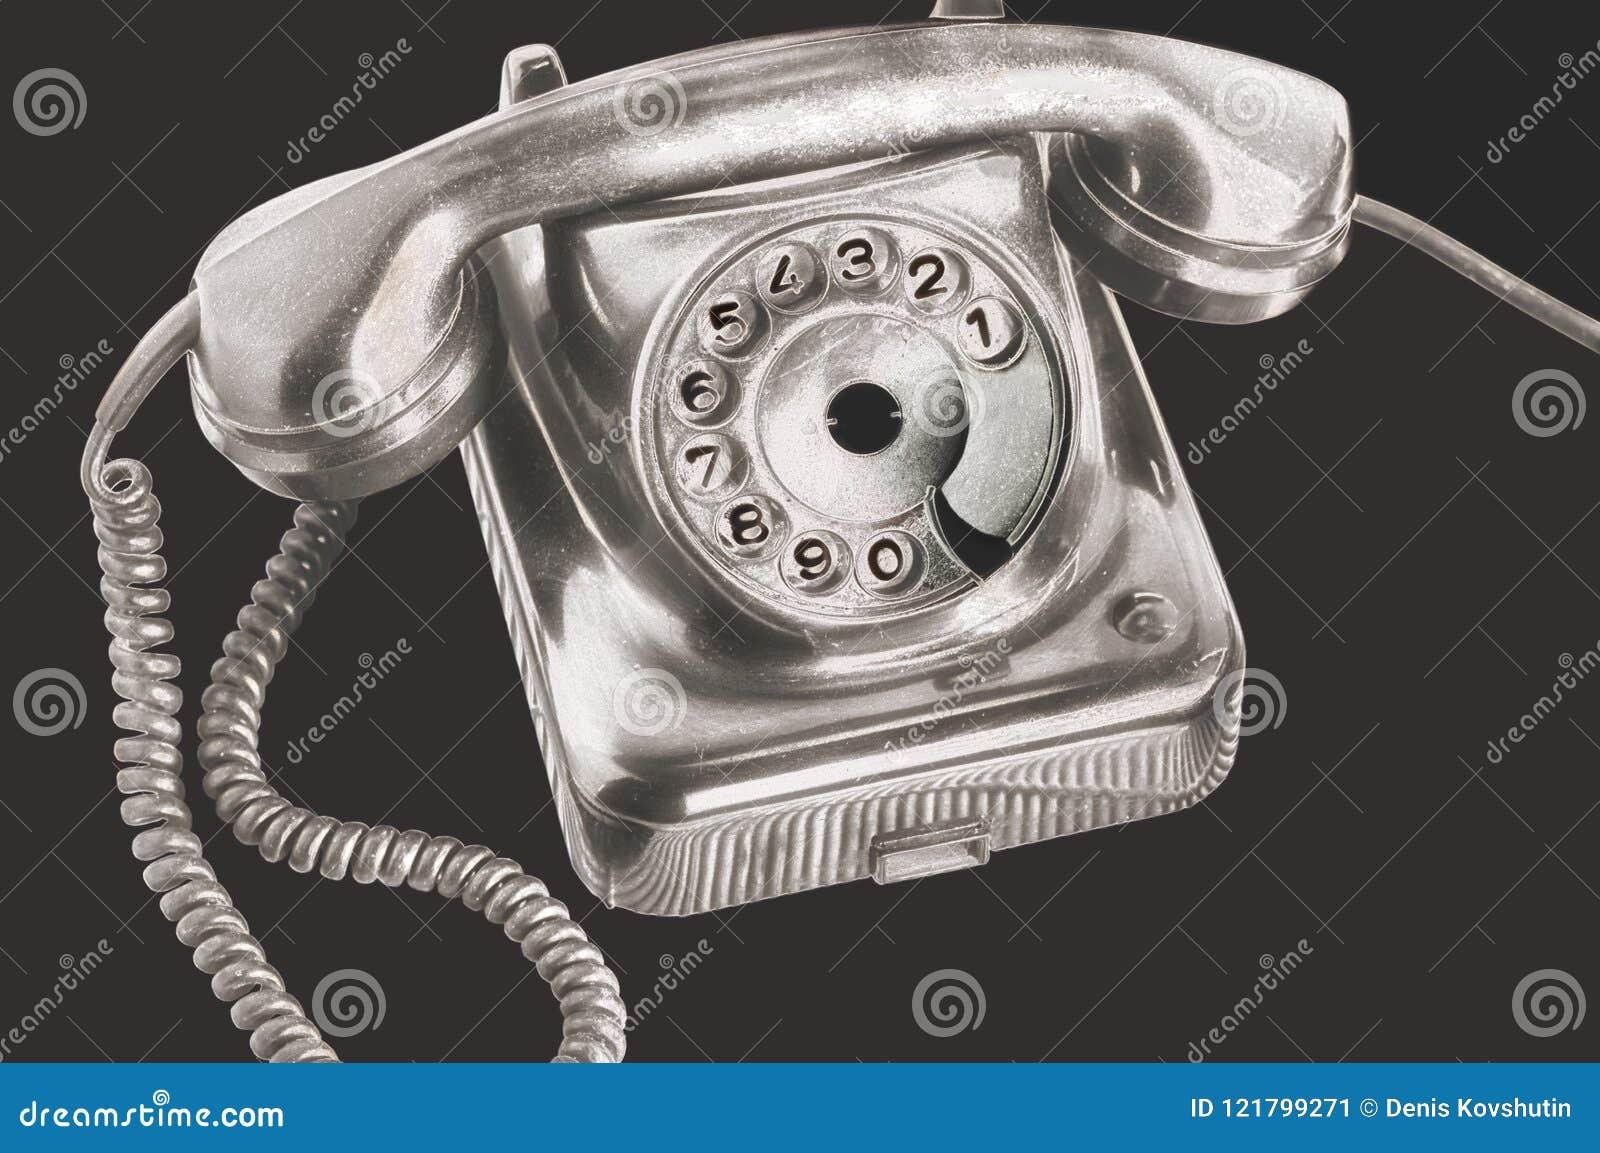 Ein altes silbernes Skalascheibentelefon in der futuristischen Verarbeitung auf lokalisiertem schwarzem Hintergrund